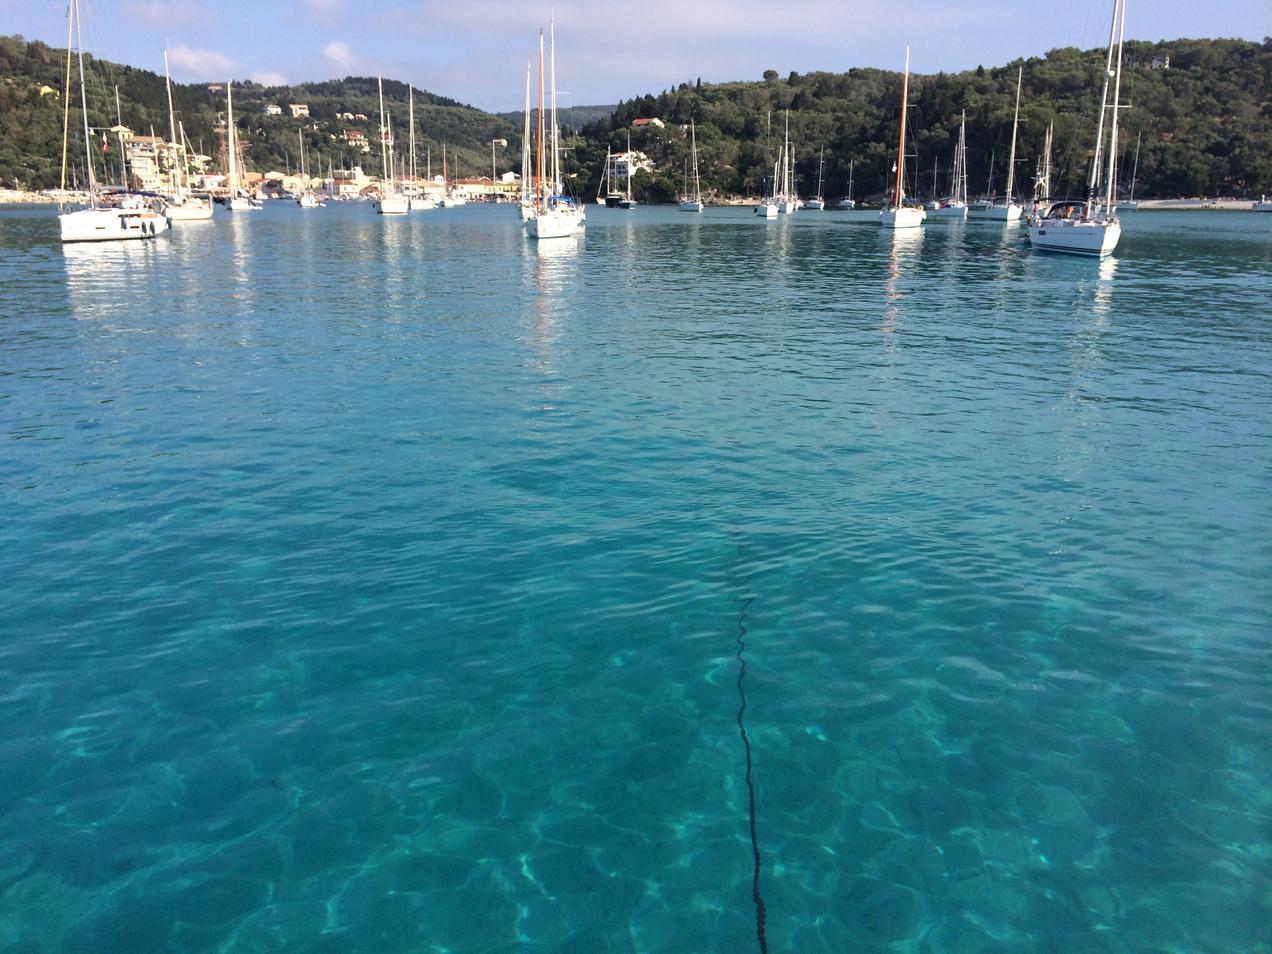 הפלגה ליוון עם דרך הים - מעגן סירות ויאכטות מרהיב ביופיו מזווית נוספת